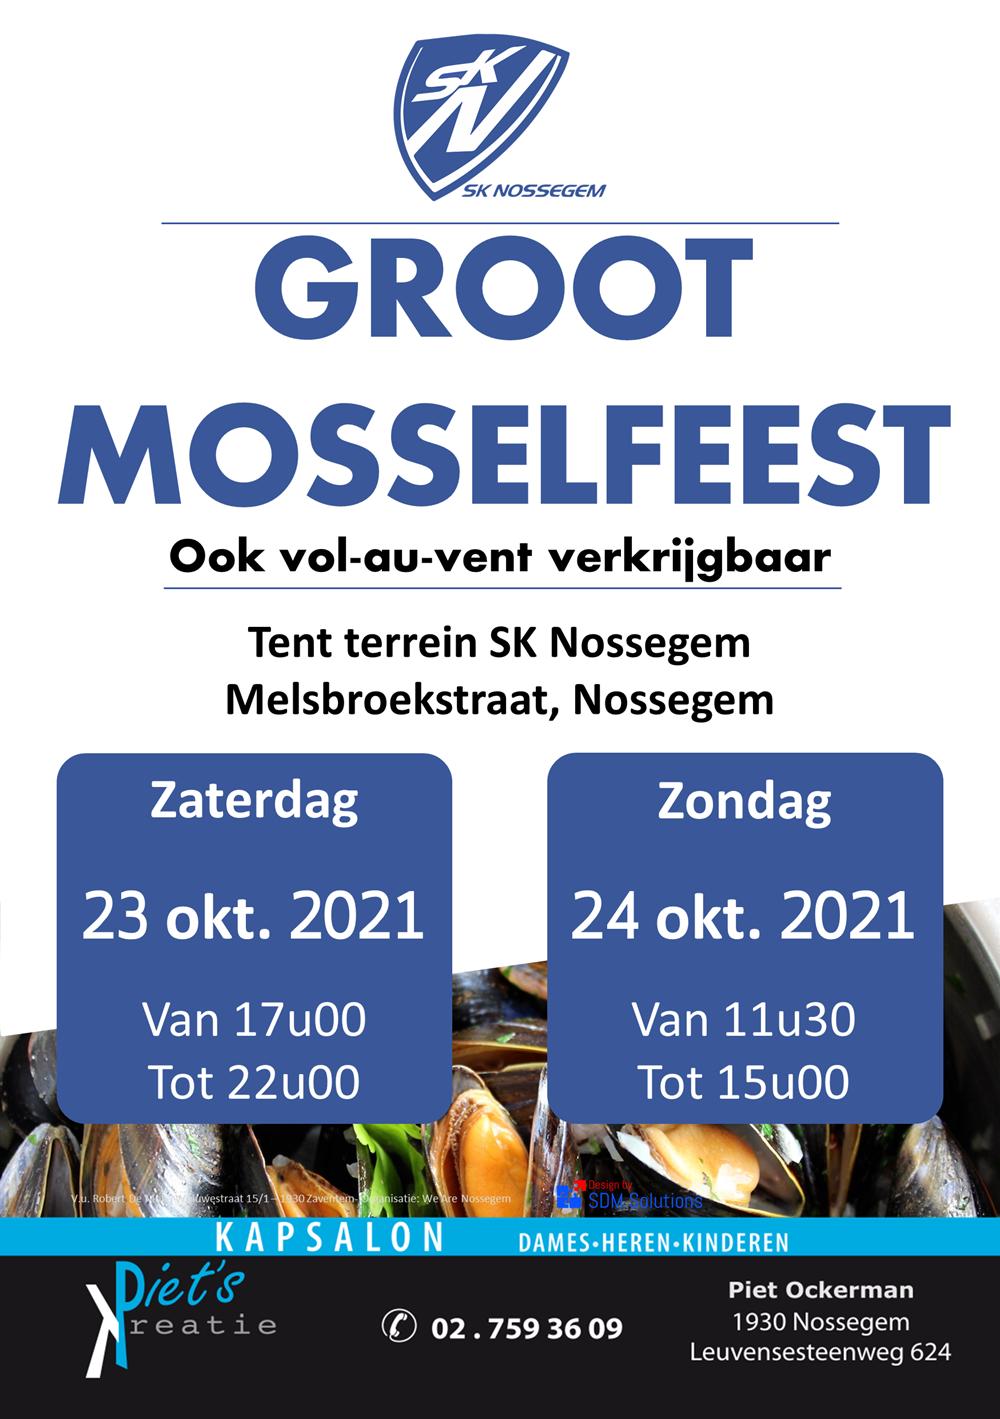 Mosselen_skn_flyer_2021.png